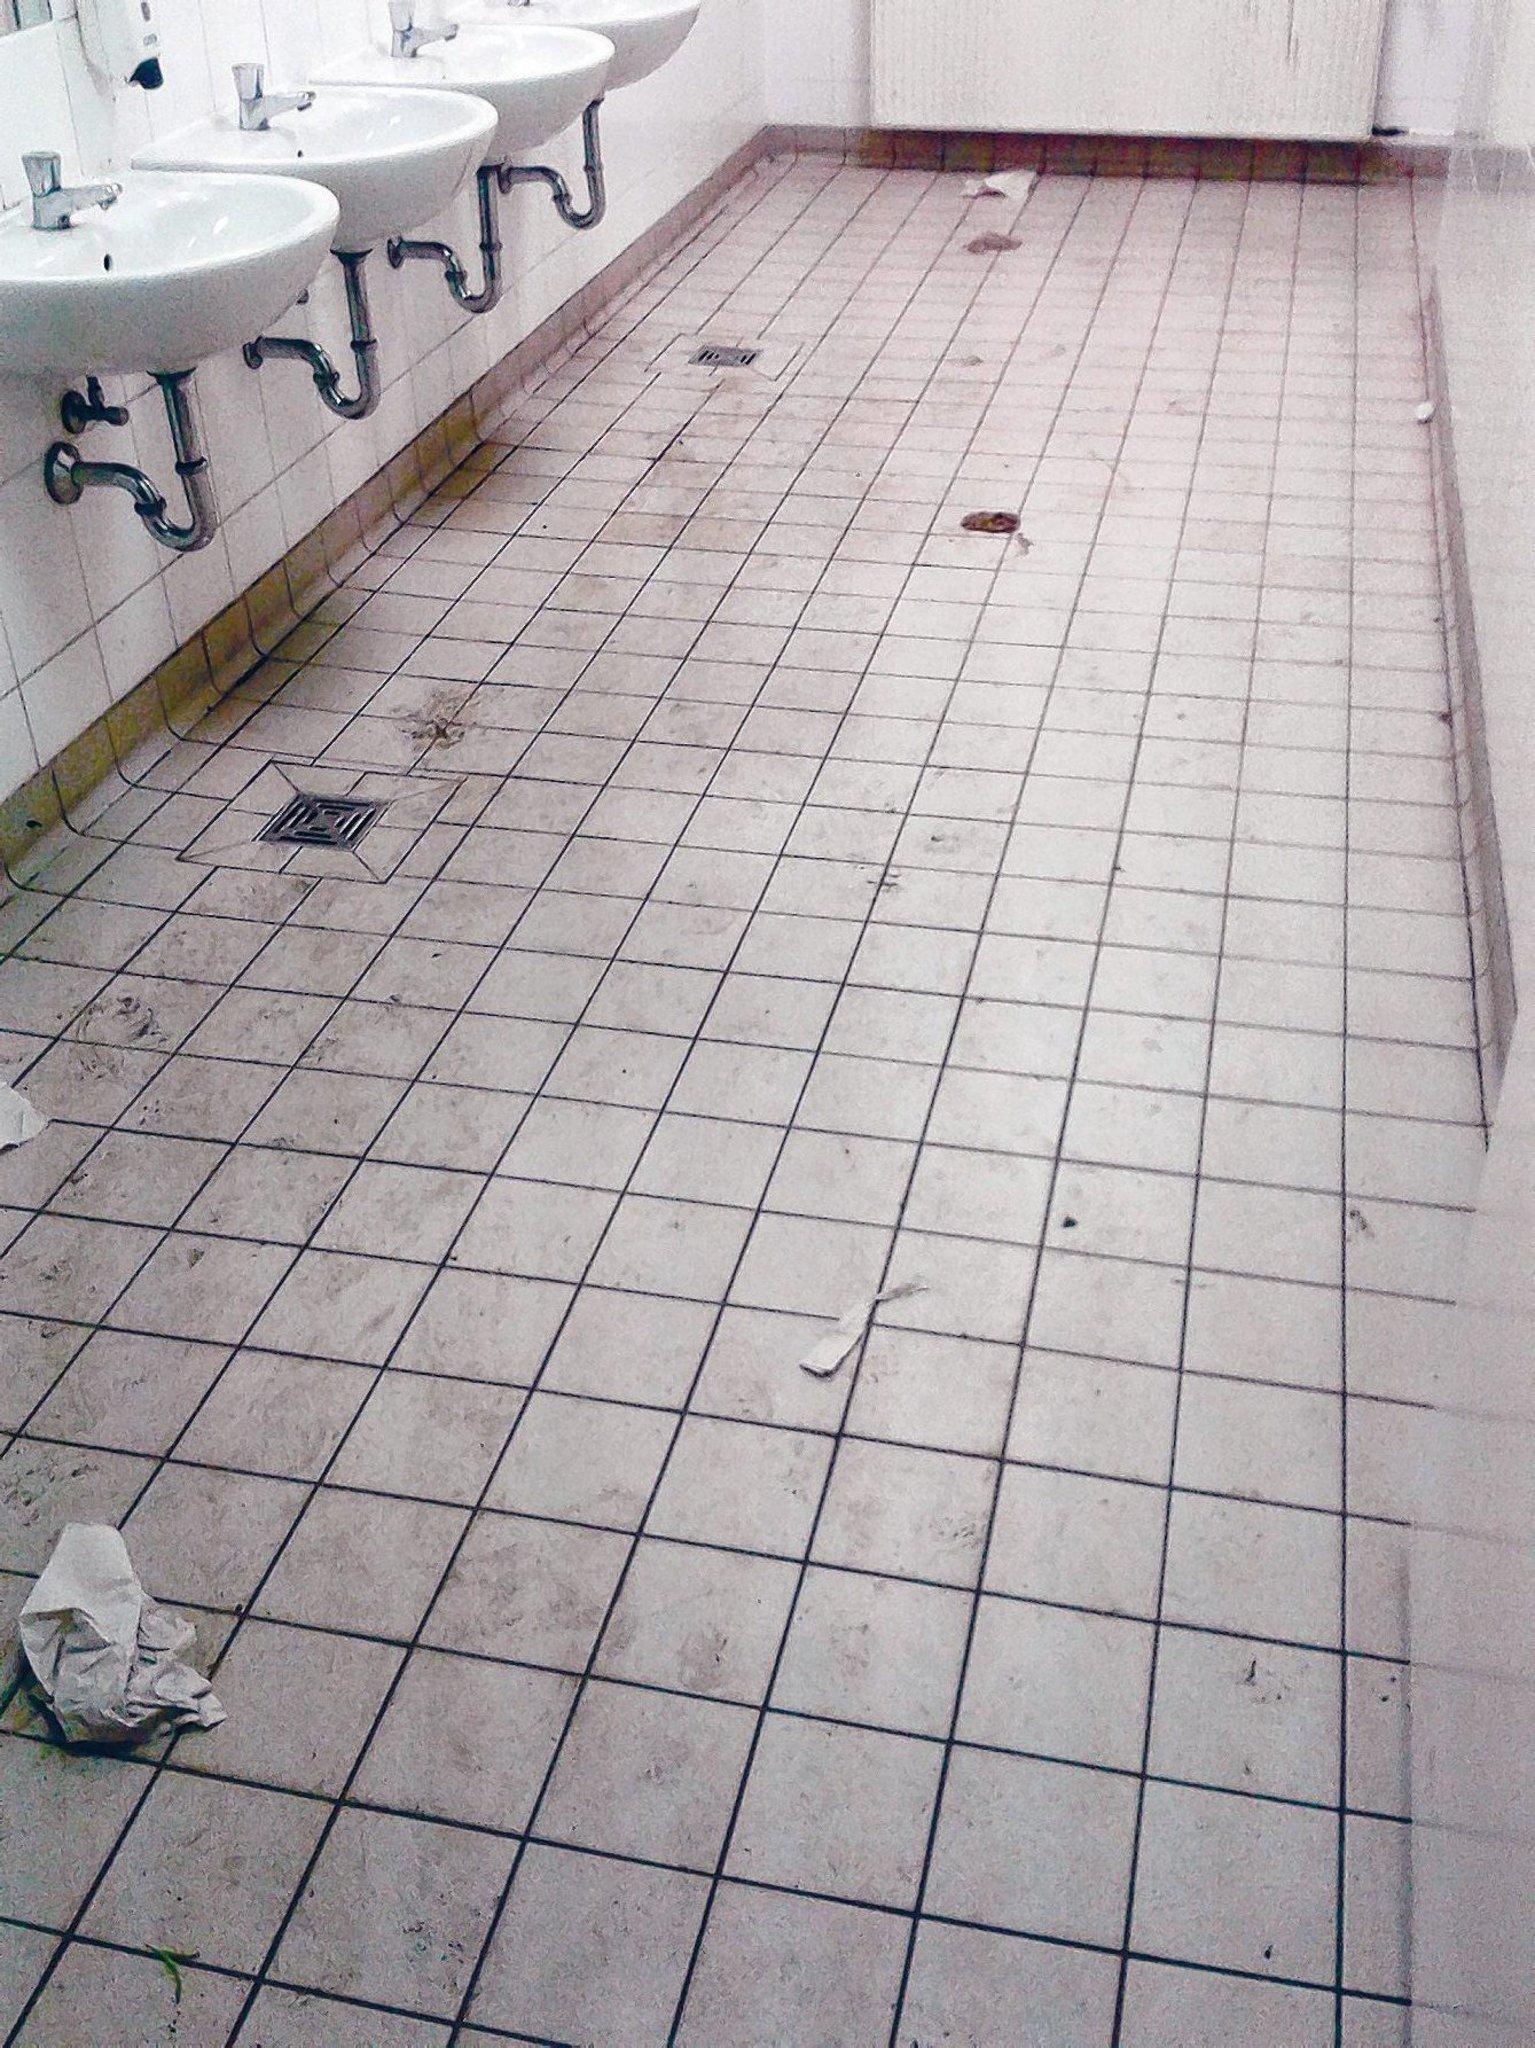 Probleme mit der Reinigung gibt es an vielen Schulen - Friedrichshain